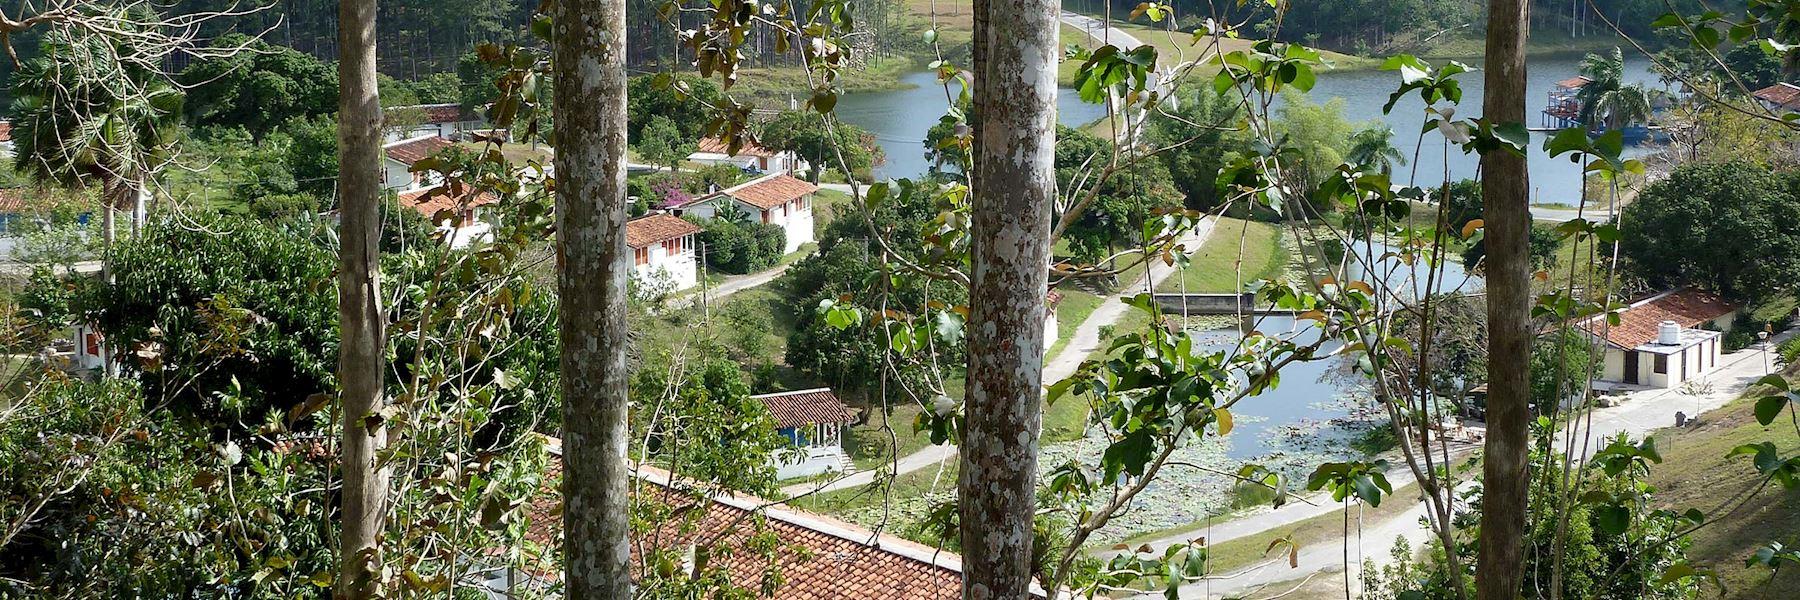 Visit Las Terrazas, Cuba